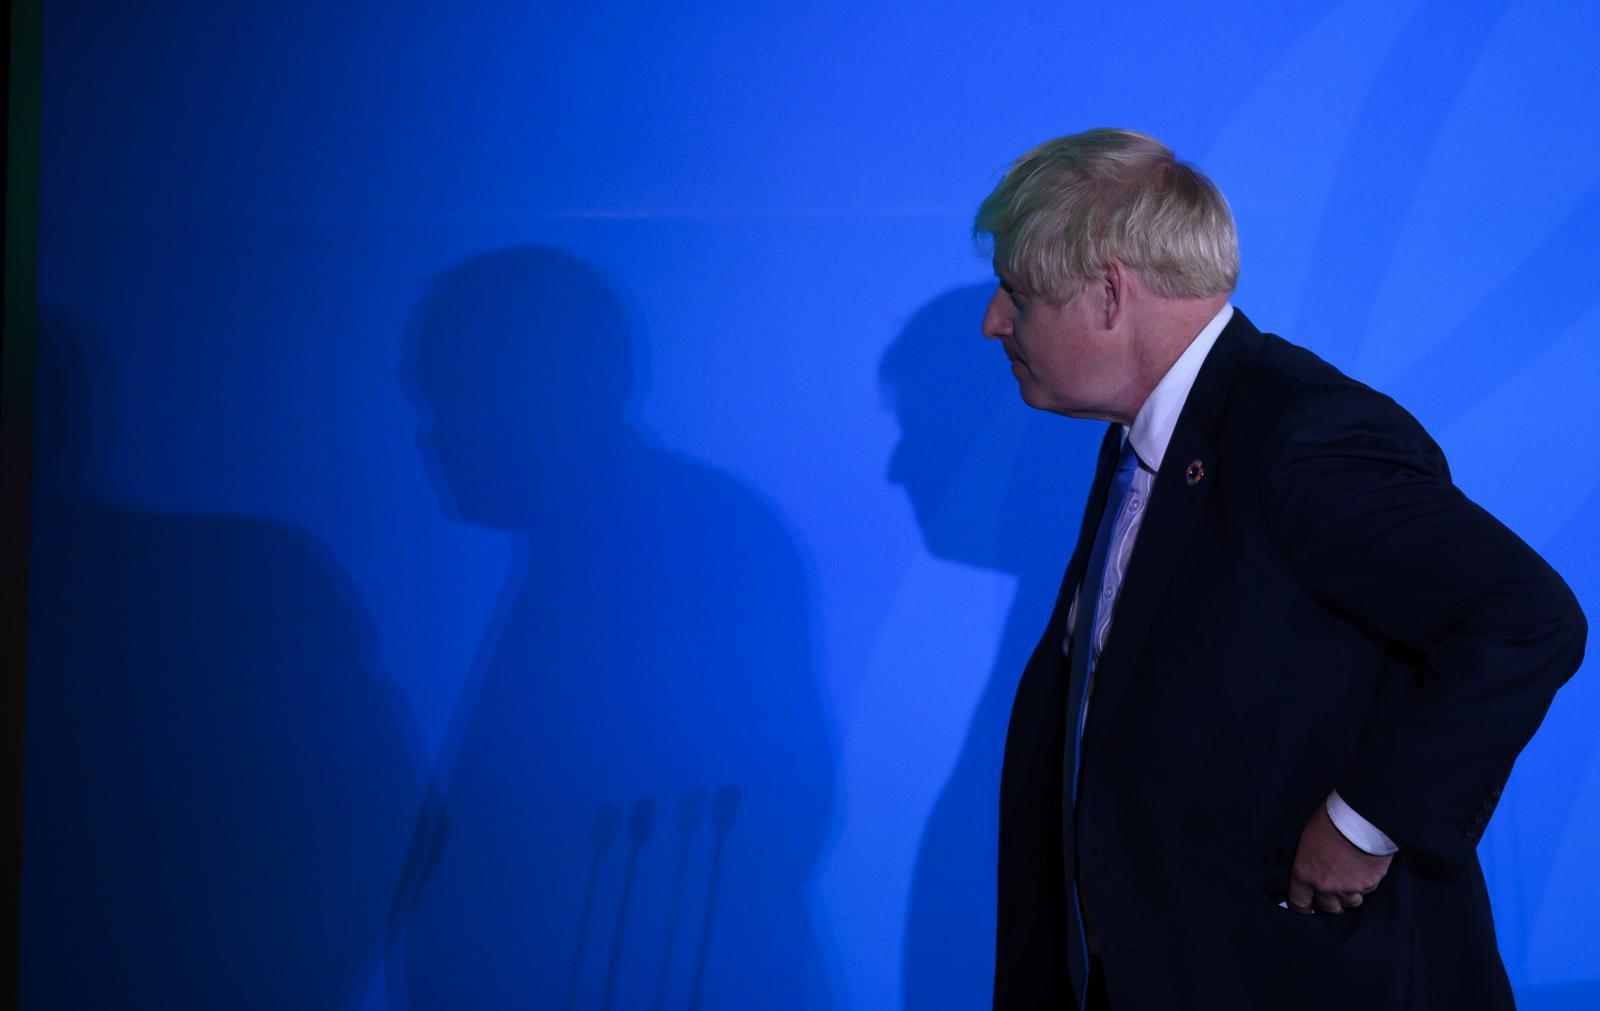 ด่วน!! ศาลสูงอังกฤษชี้ คำสั่งพักประชุมสภาของนายกฯ หนีอภิปราย Brexit ไม่ชอบด้วยกฎหมาย